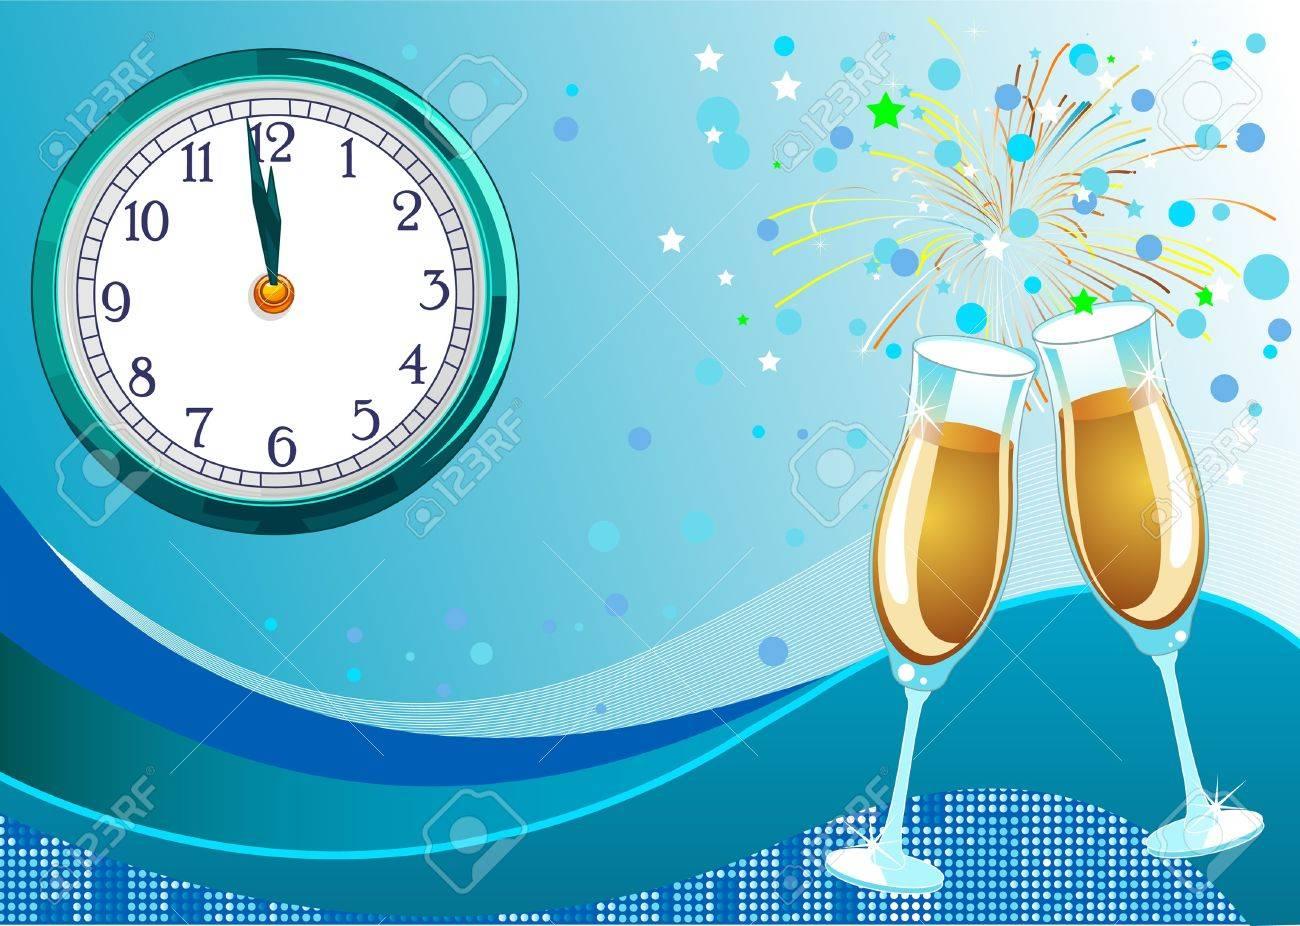 Shining New Year  Eve Celebration background Stock Vector - 8476353